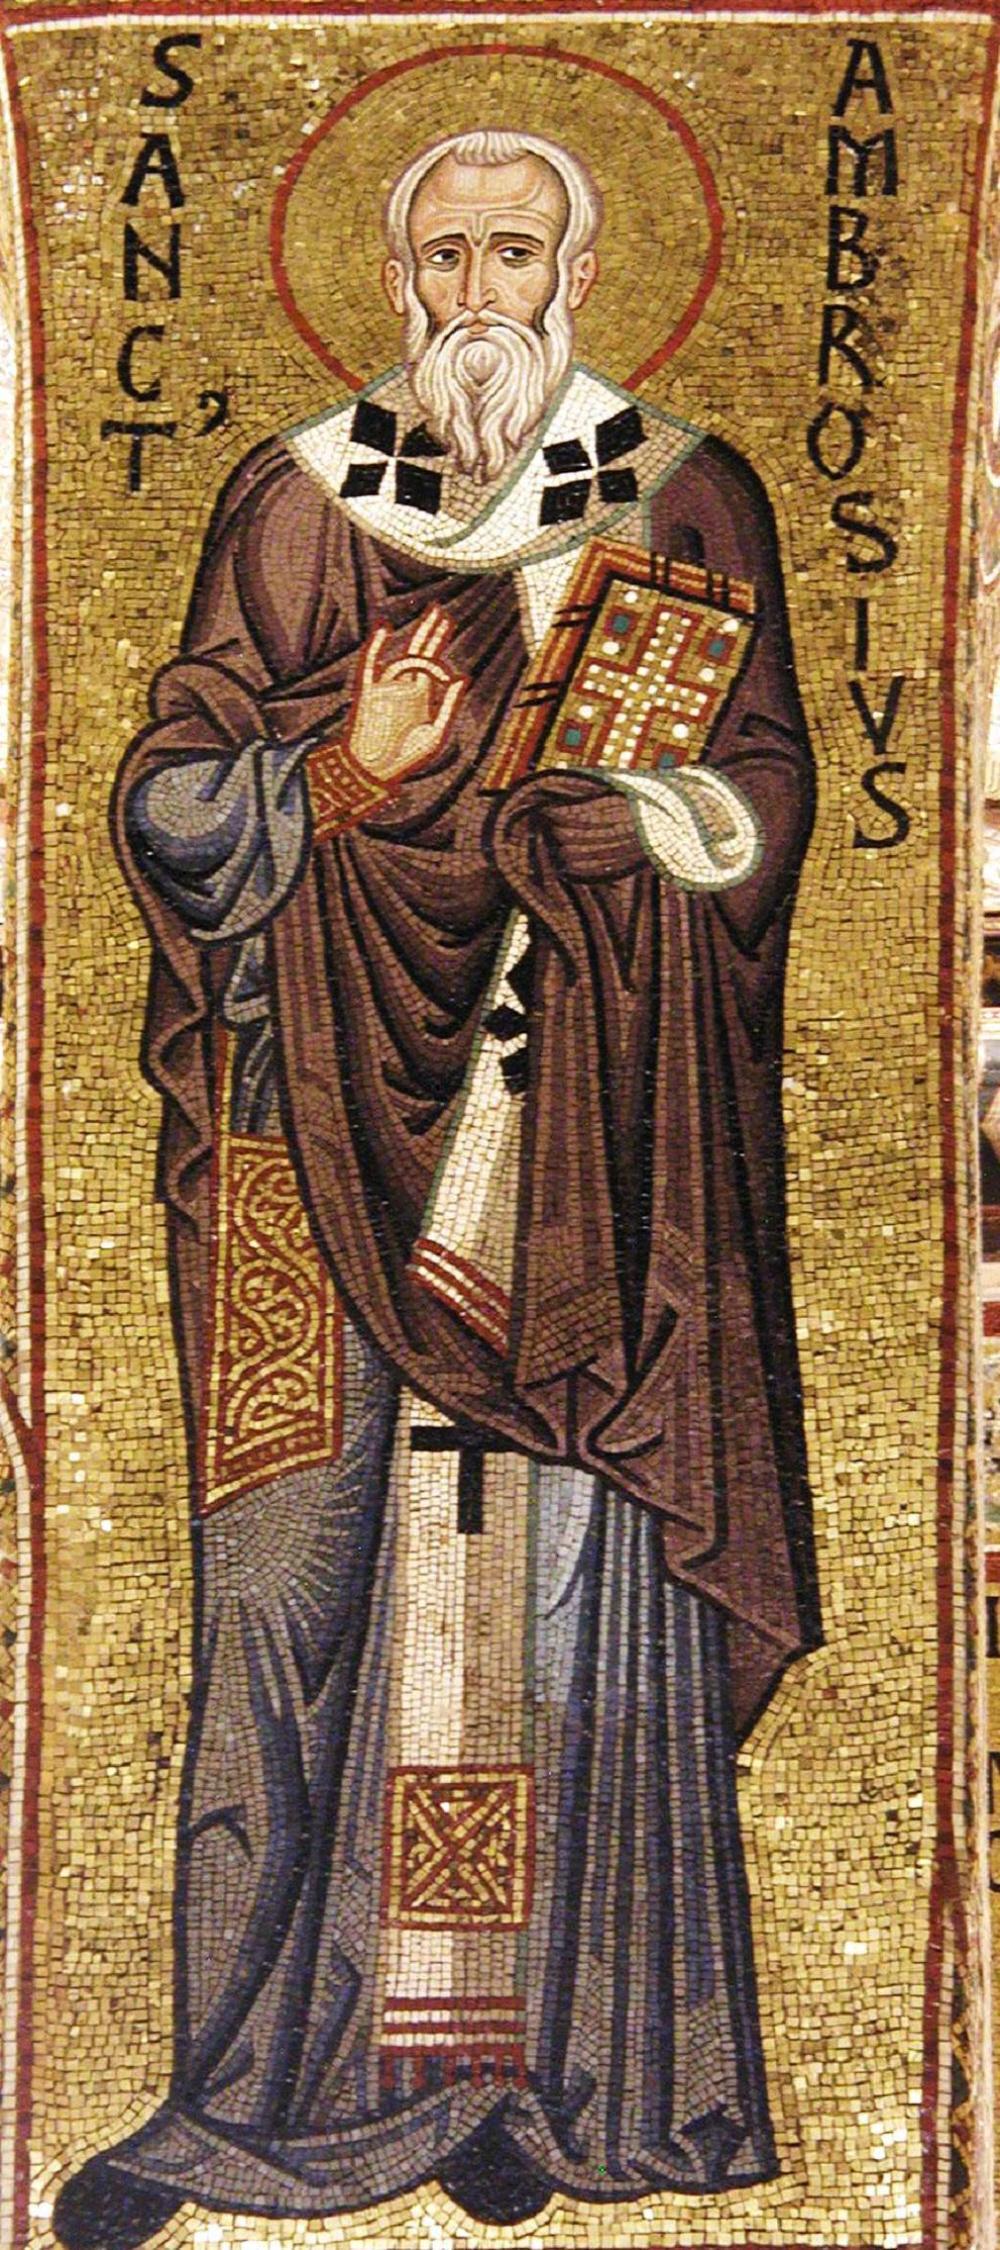 unknown-artist-st-ambrose-of-milan-capella-palatina-palazzo-dei-normanni-a-palermo-palermo-sicily-italy-circa-1140_1.jpg